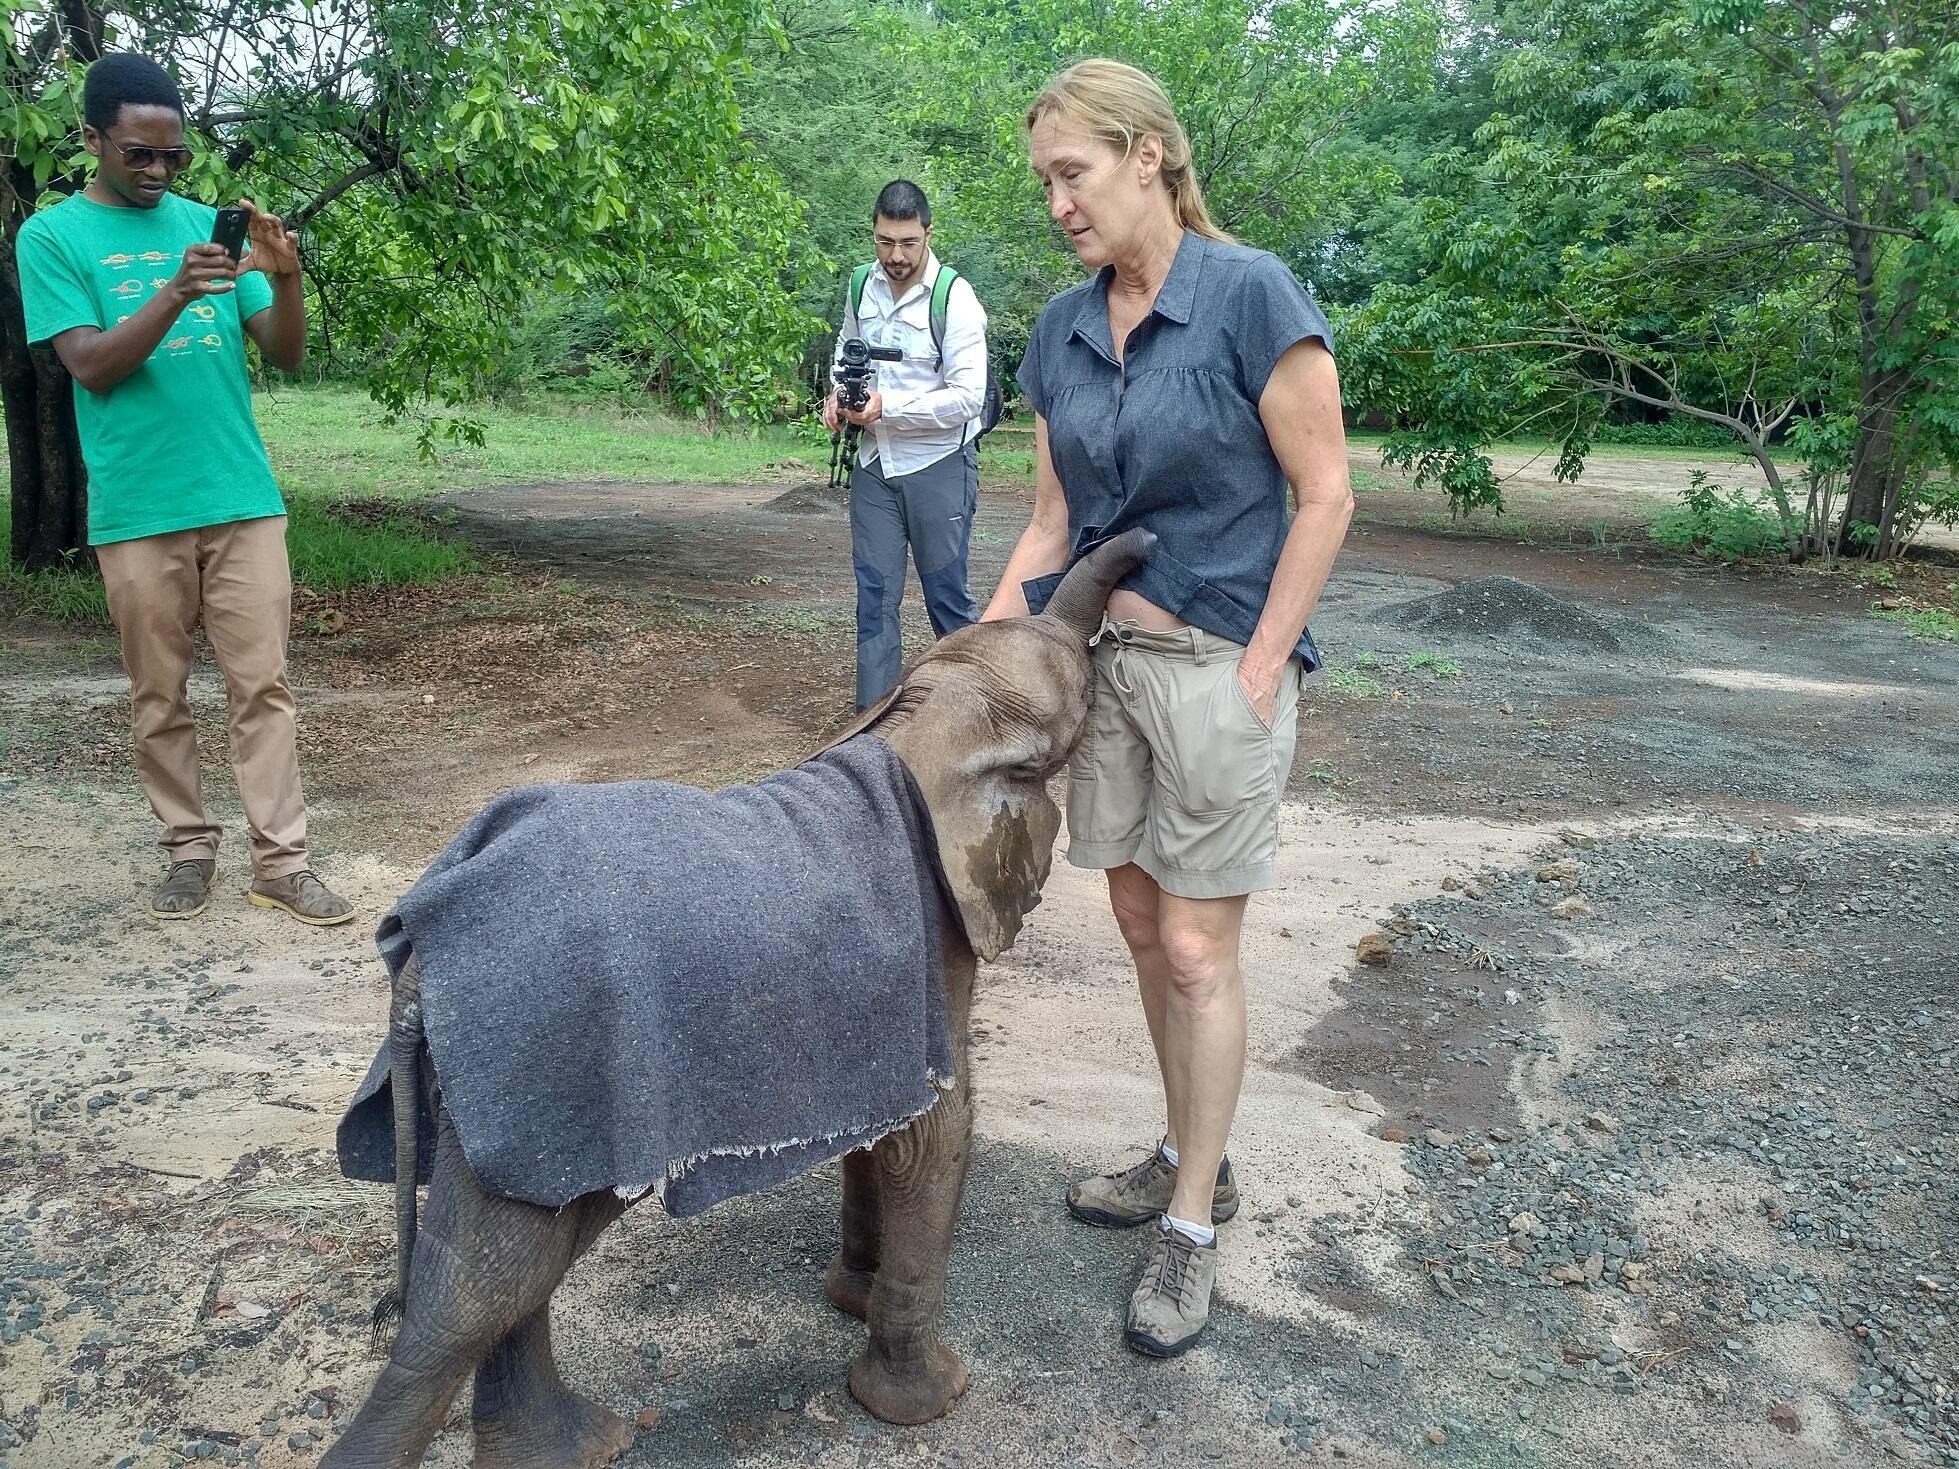 Kelly Landen con Tuli, un bebé elefante rescatado por la ONG Elephants Without Border. Diciembre de 2017.